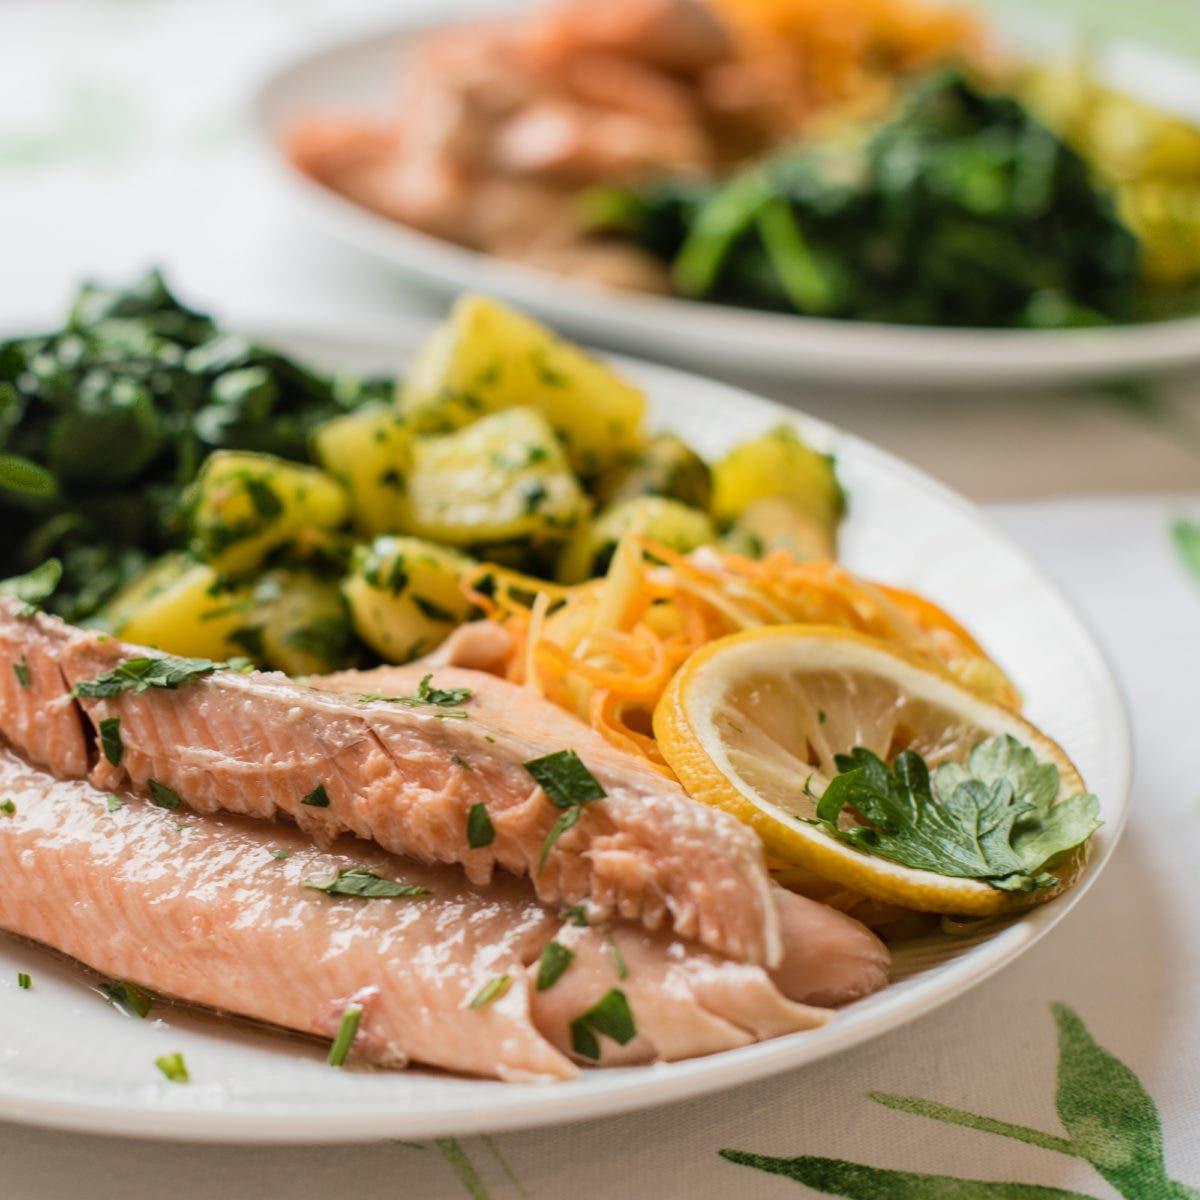 Goldforelle mit Spinat und Kartoffeln | Goldforelle aus dem Ofen - mit Schritt für Schritt Anleitung!